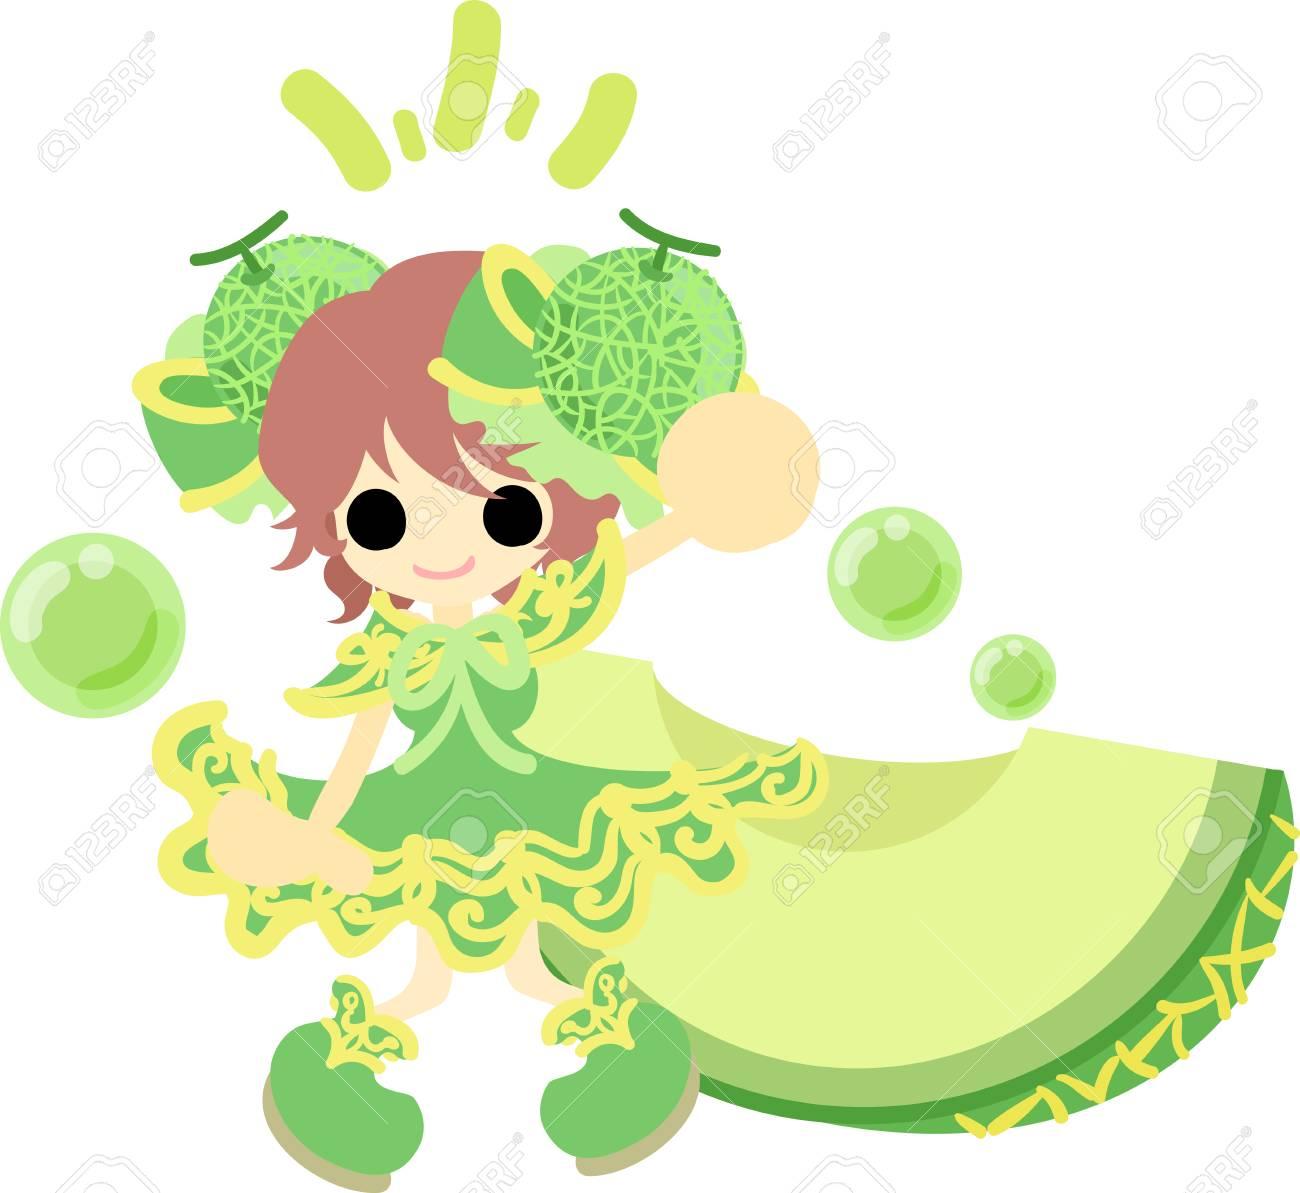 メロンの服の女の子のイラストのイラスト素材ベクタ Image 55077565